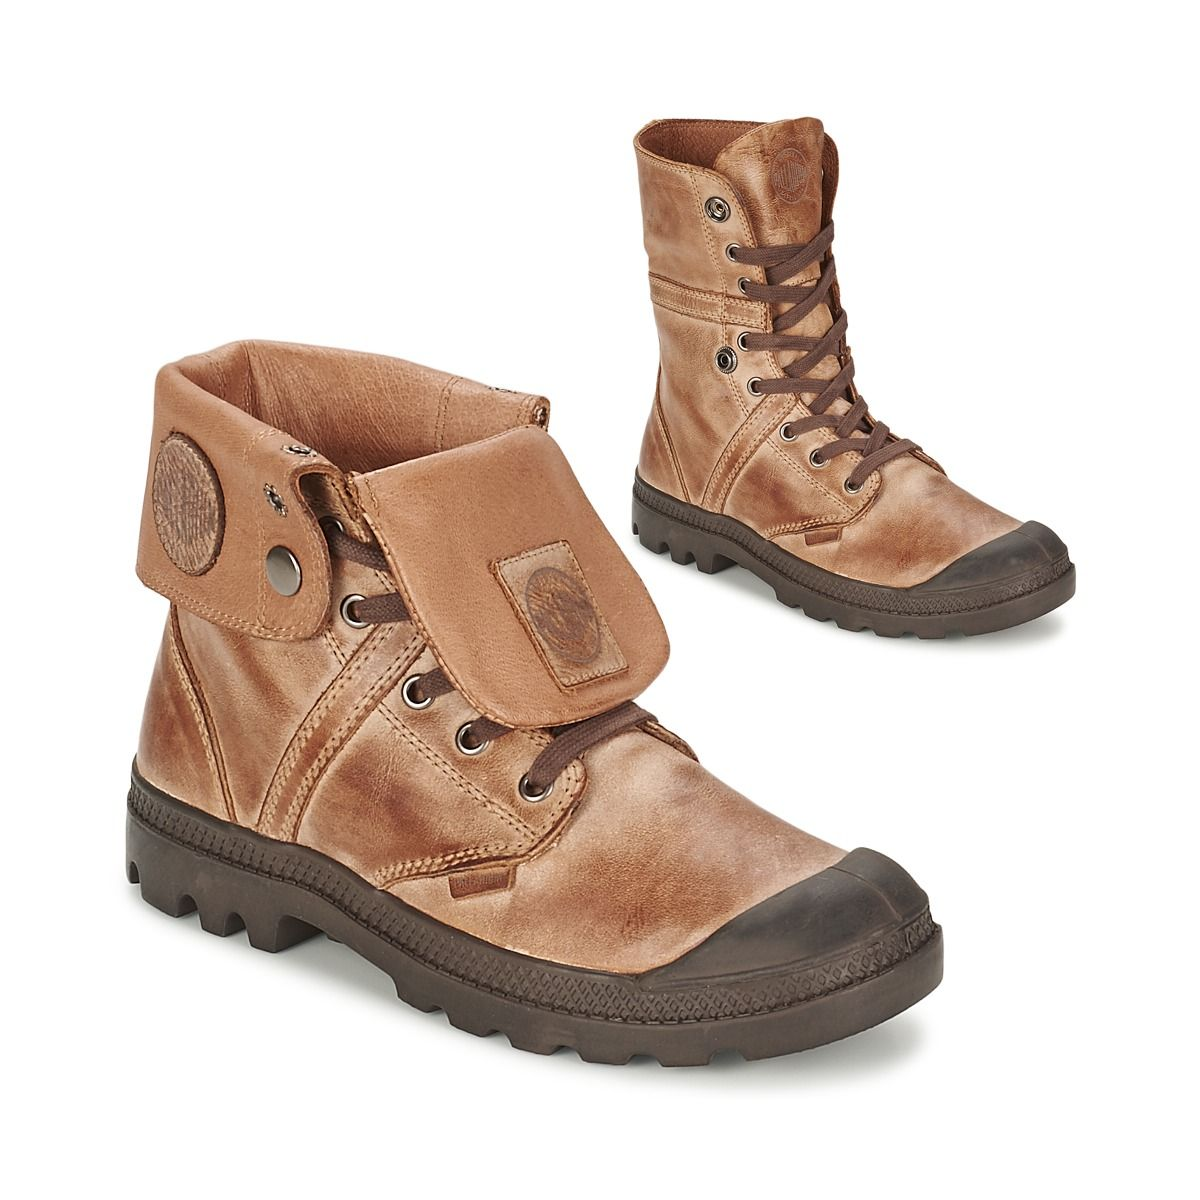 4b4c7f286ec Boots Palladium BAGGY PALLAB Marron prix promo Boots Femme Spartoo 129.95 €  TTC